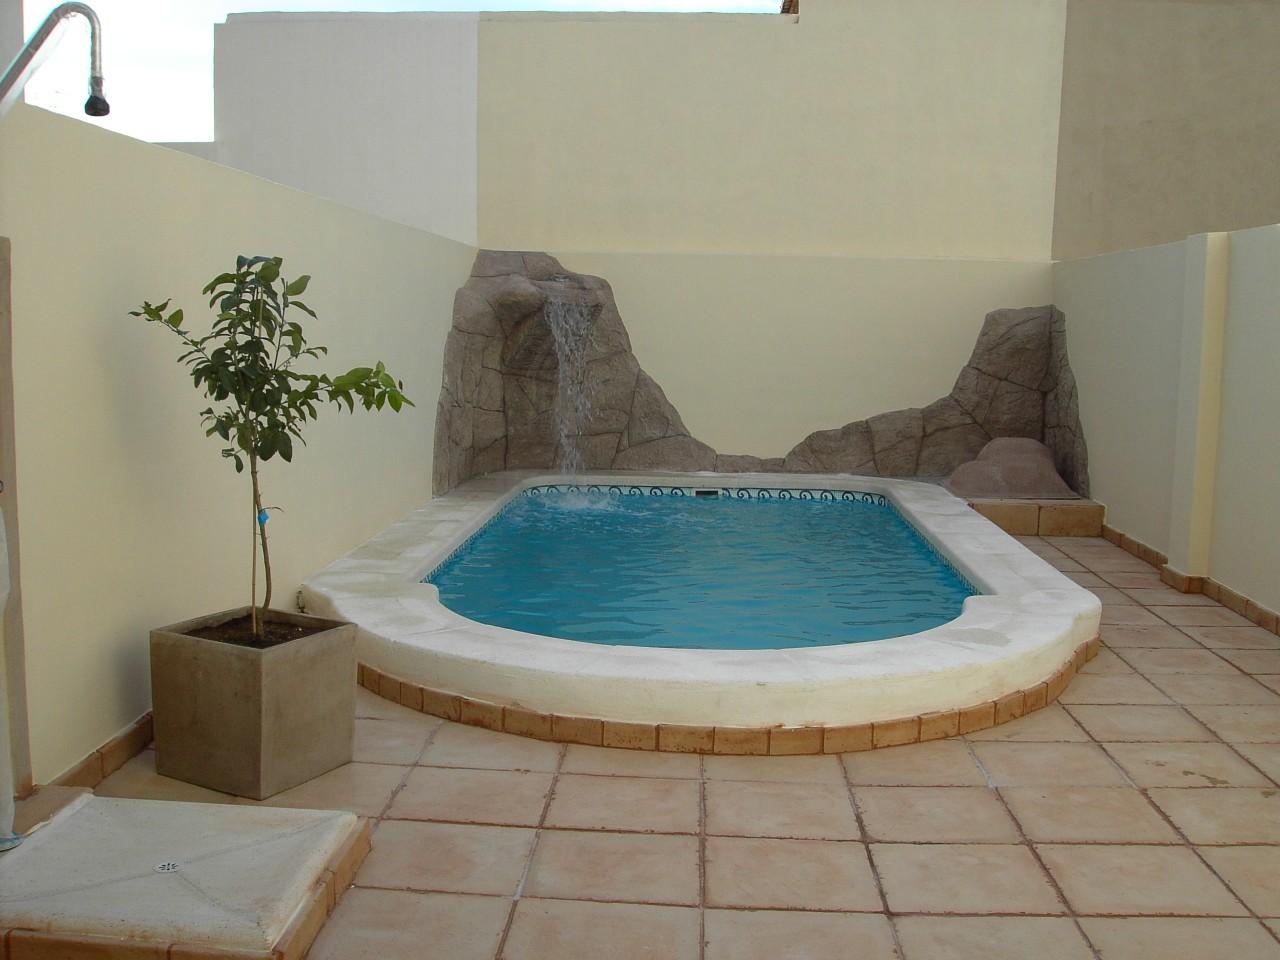 Piscina modelo c 61 codetrac s l expertos en piscinas for Piscinas para espacios reducidos